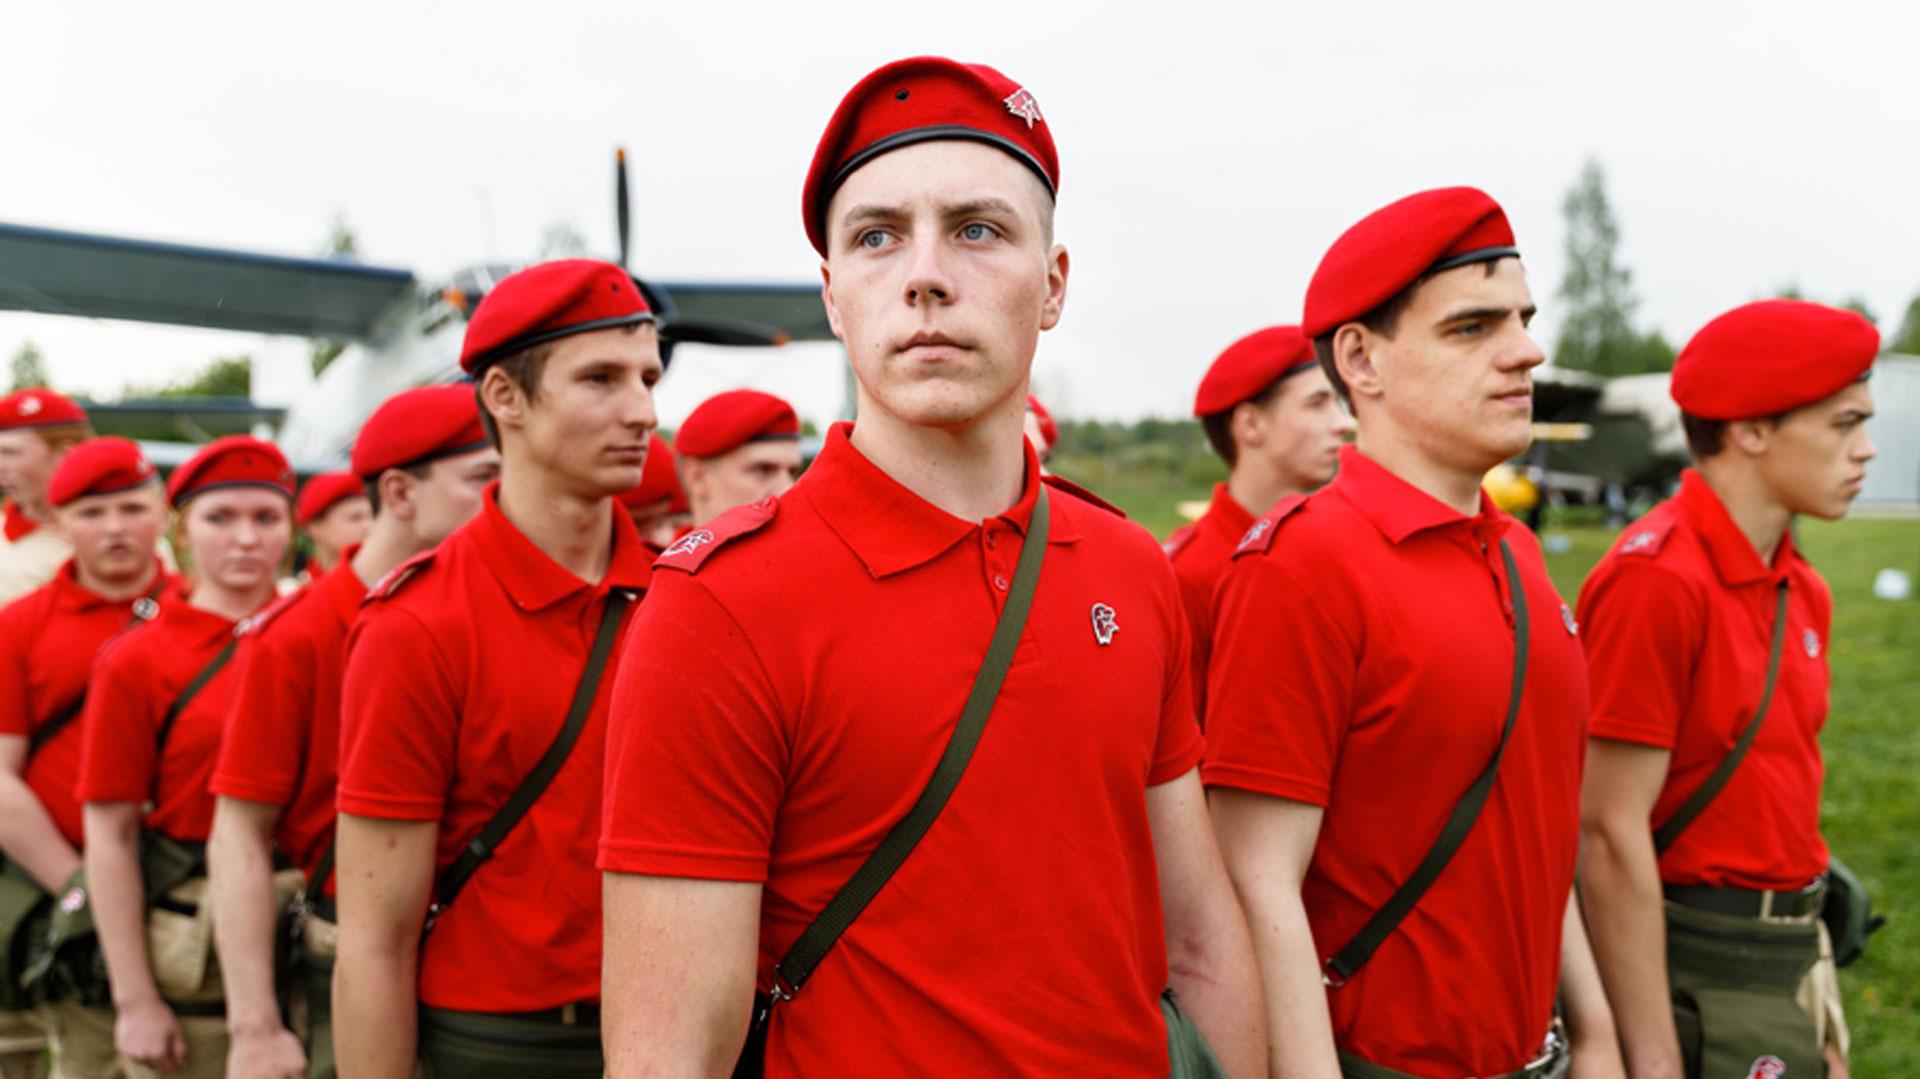 En total se enrolaron 104 adolescentes. El movimiento se llama Yunarmiya y recuerda a la era soviética y a las Juventudes Hitlerianas